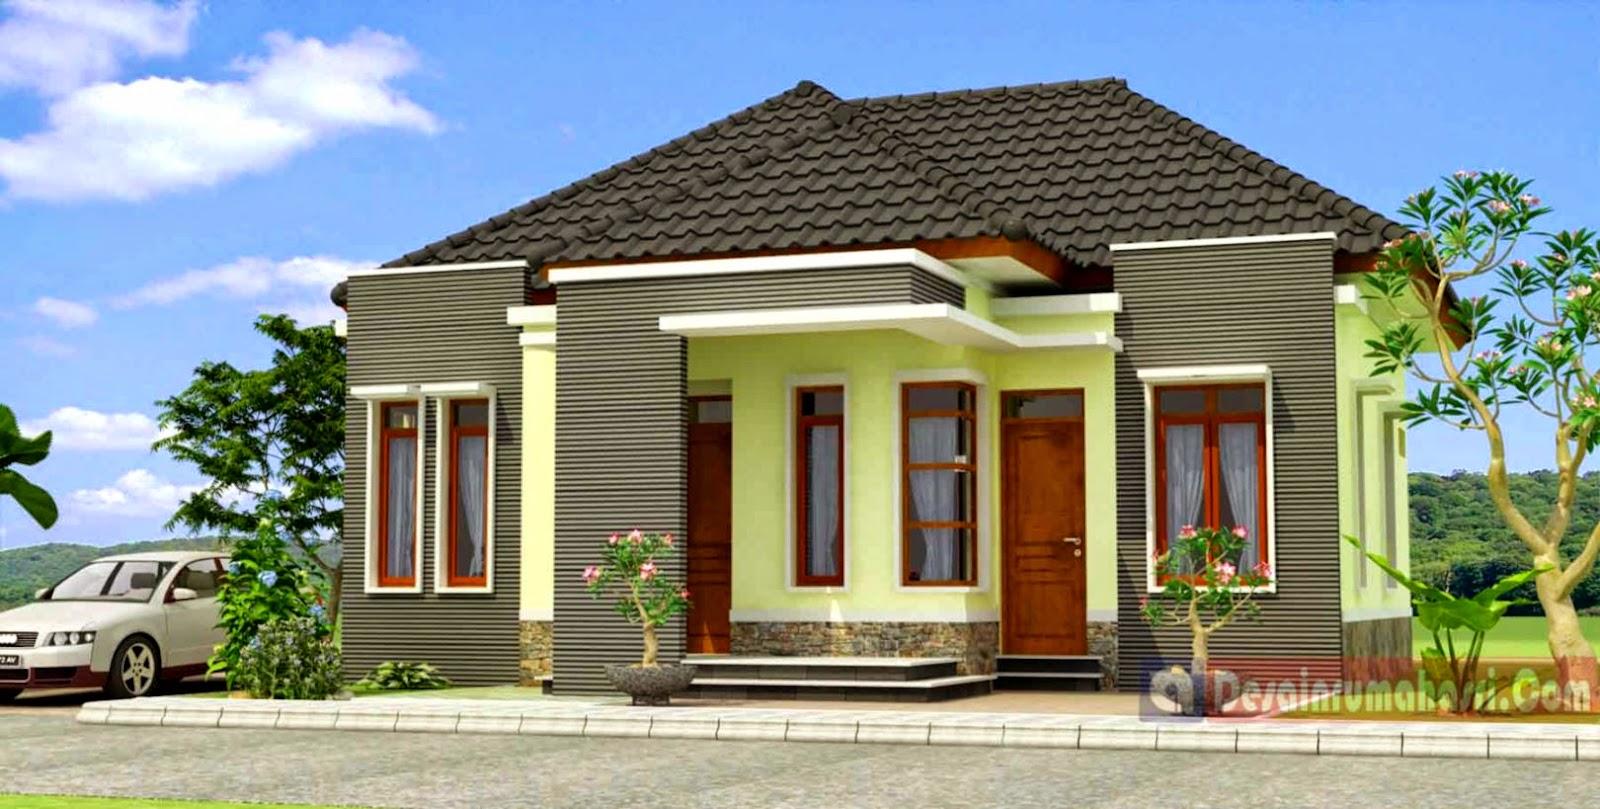 Desain Rumah 2016 Rumah Minimalis Bentuk L Images